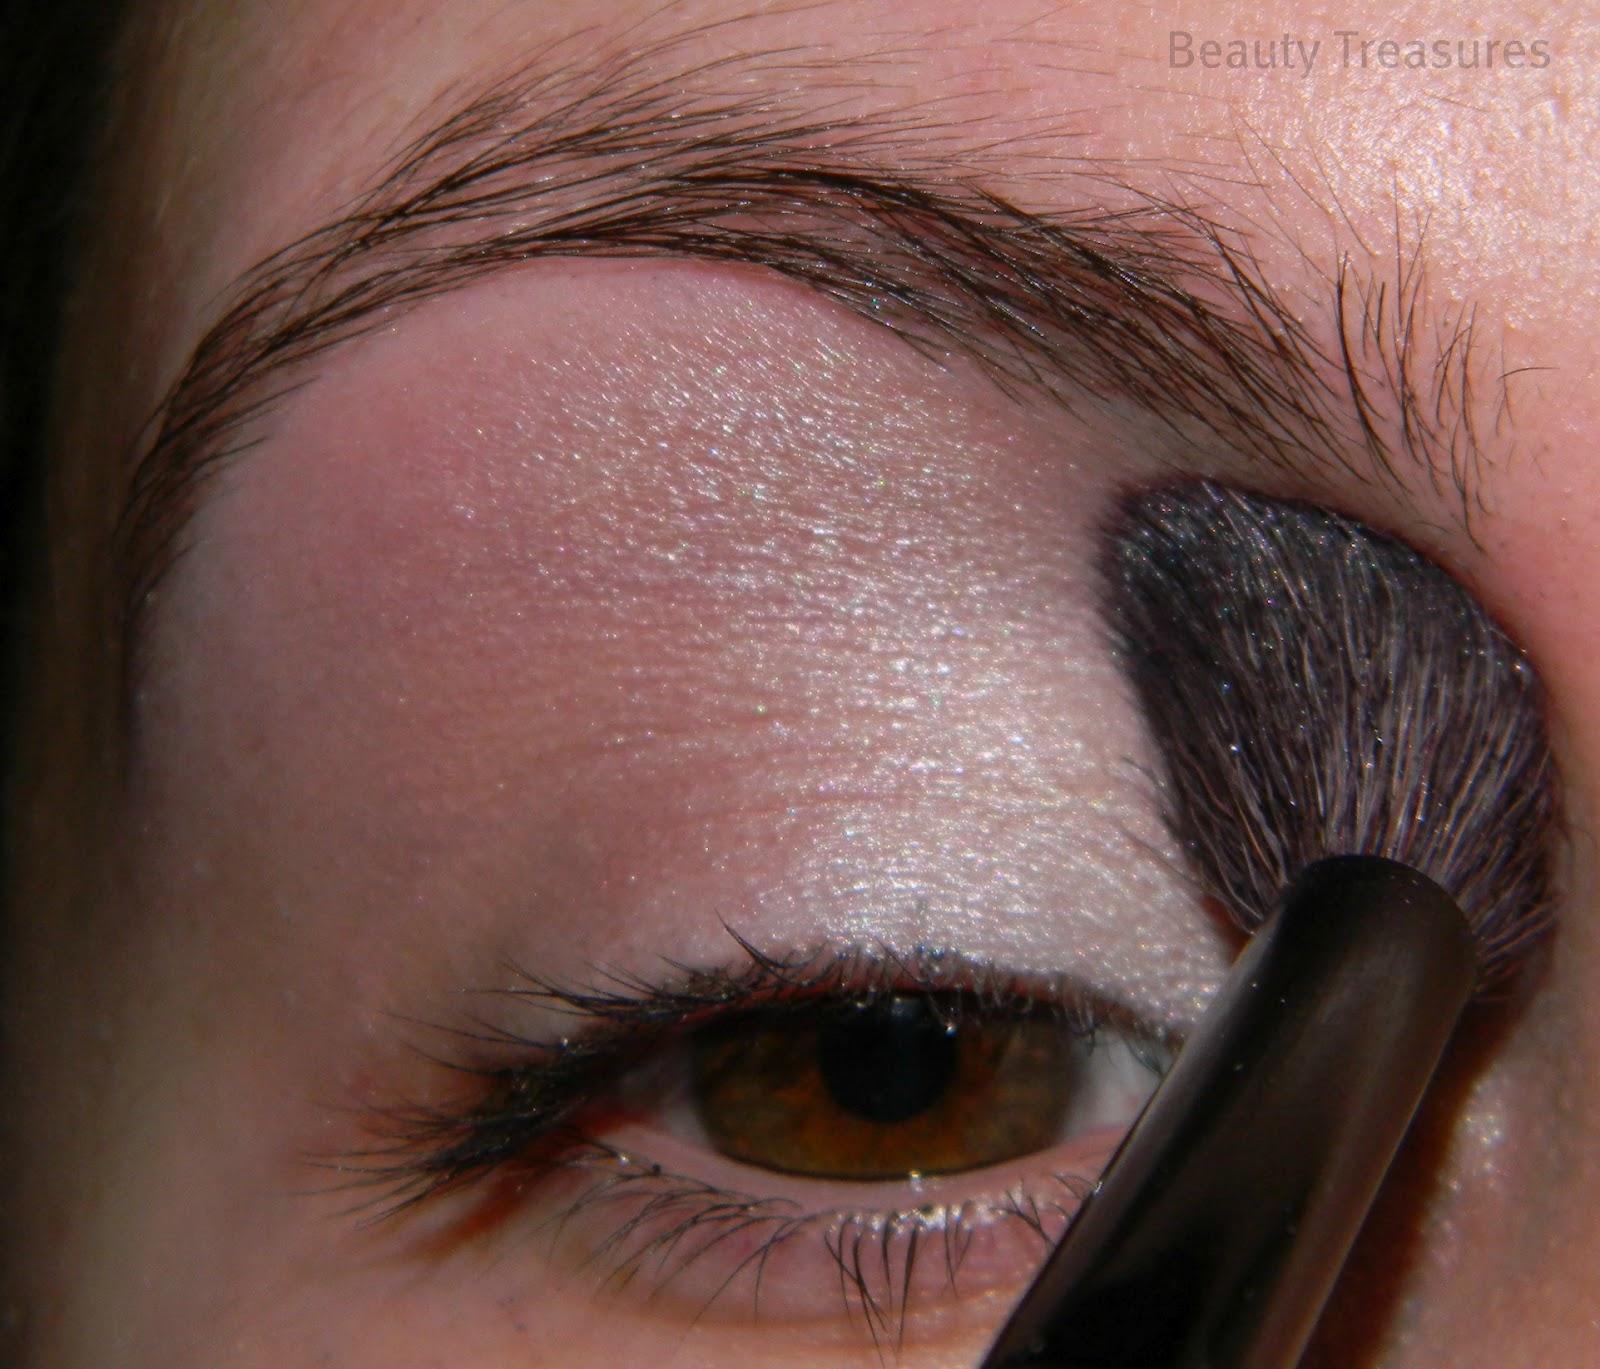 merk eyeliner binnenkant ooglid